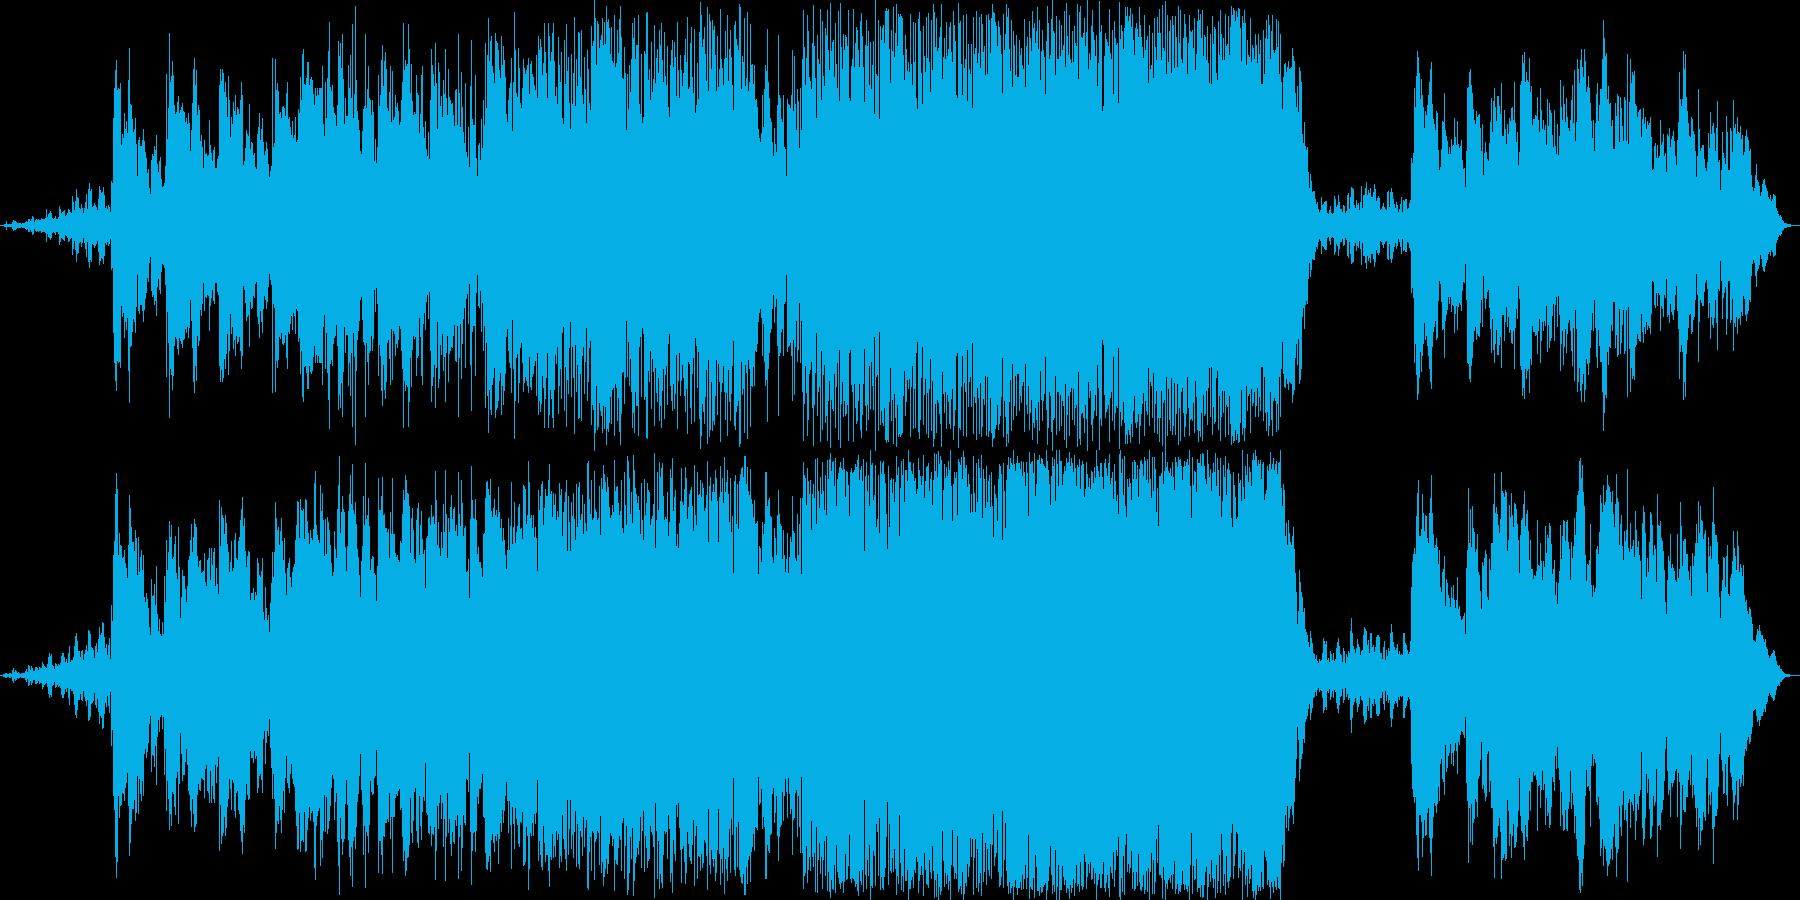 アメリカ西部の砂漠を彷彿させるロック音楽の再生済みの波形